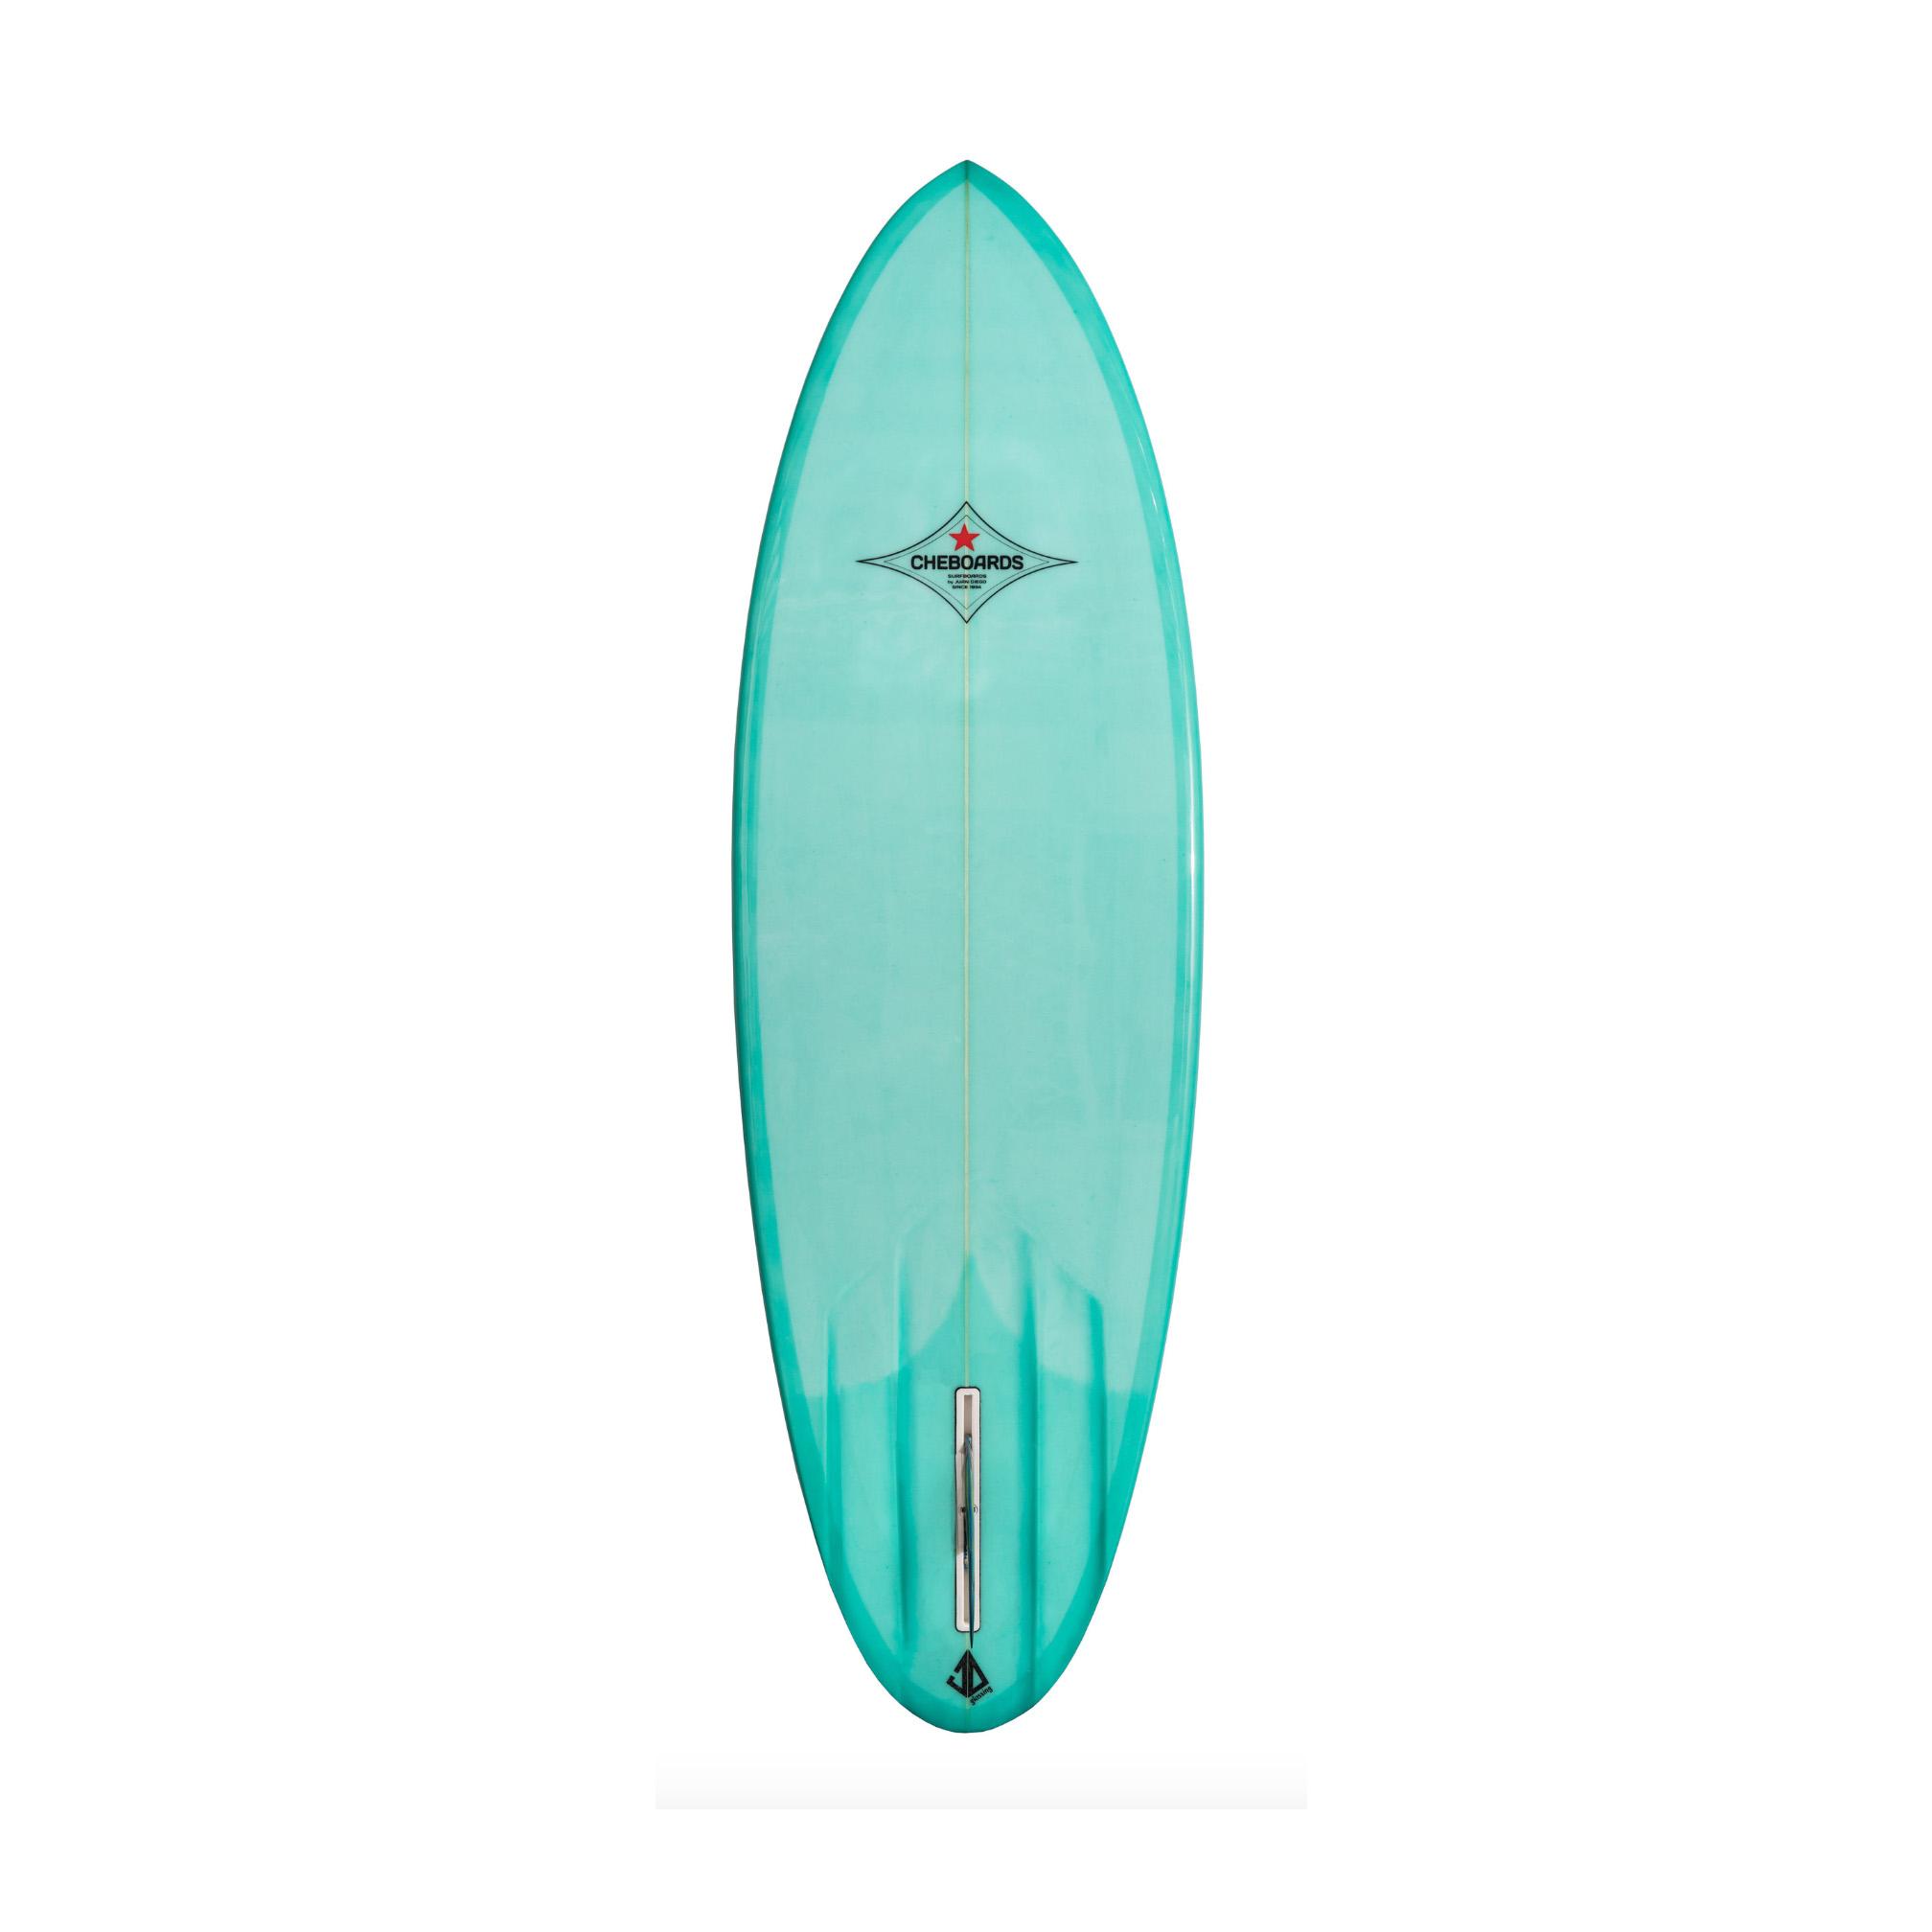 Vintage Single Fin Surfboard